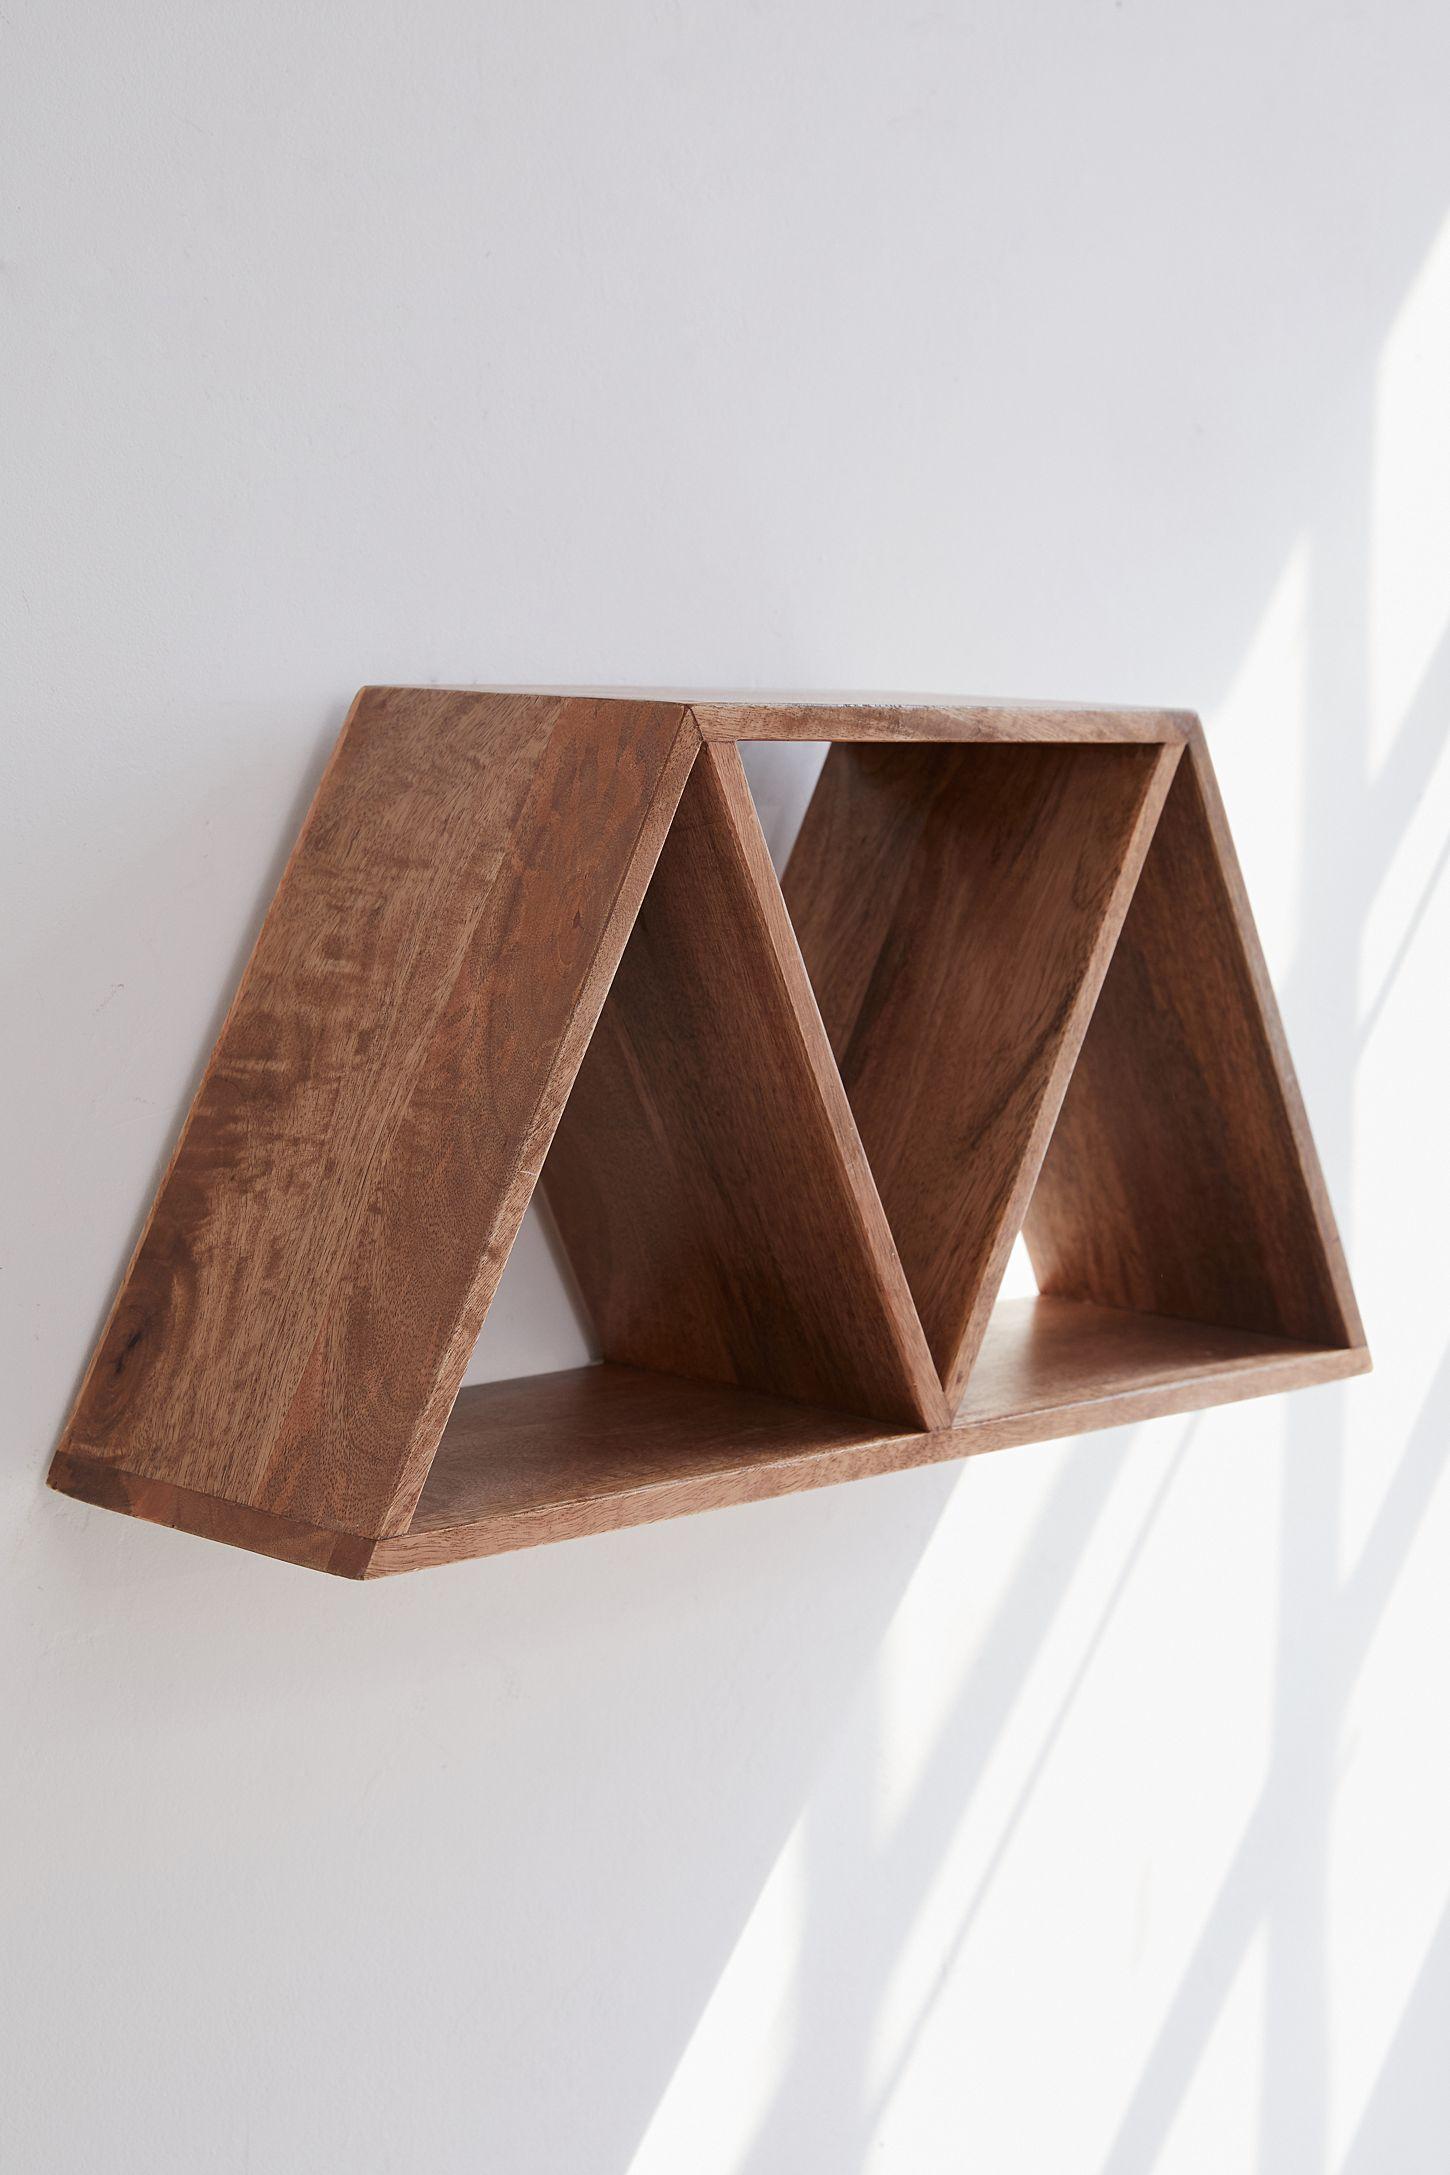 Slide view 5 leila triangle wood wall shelf